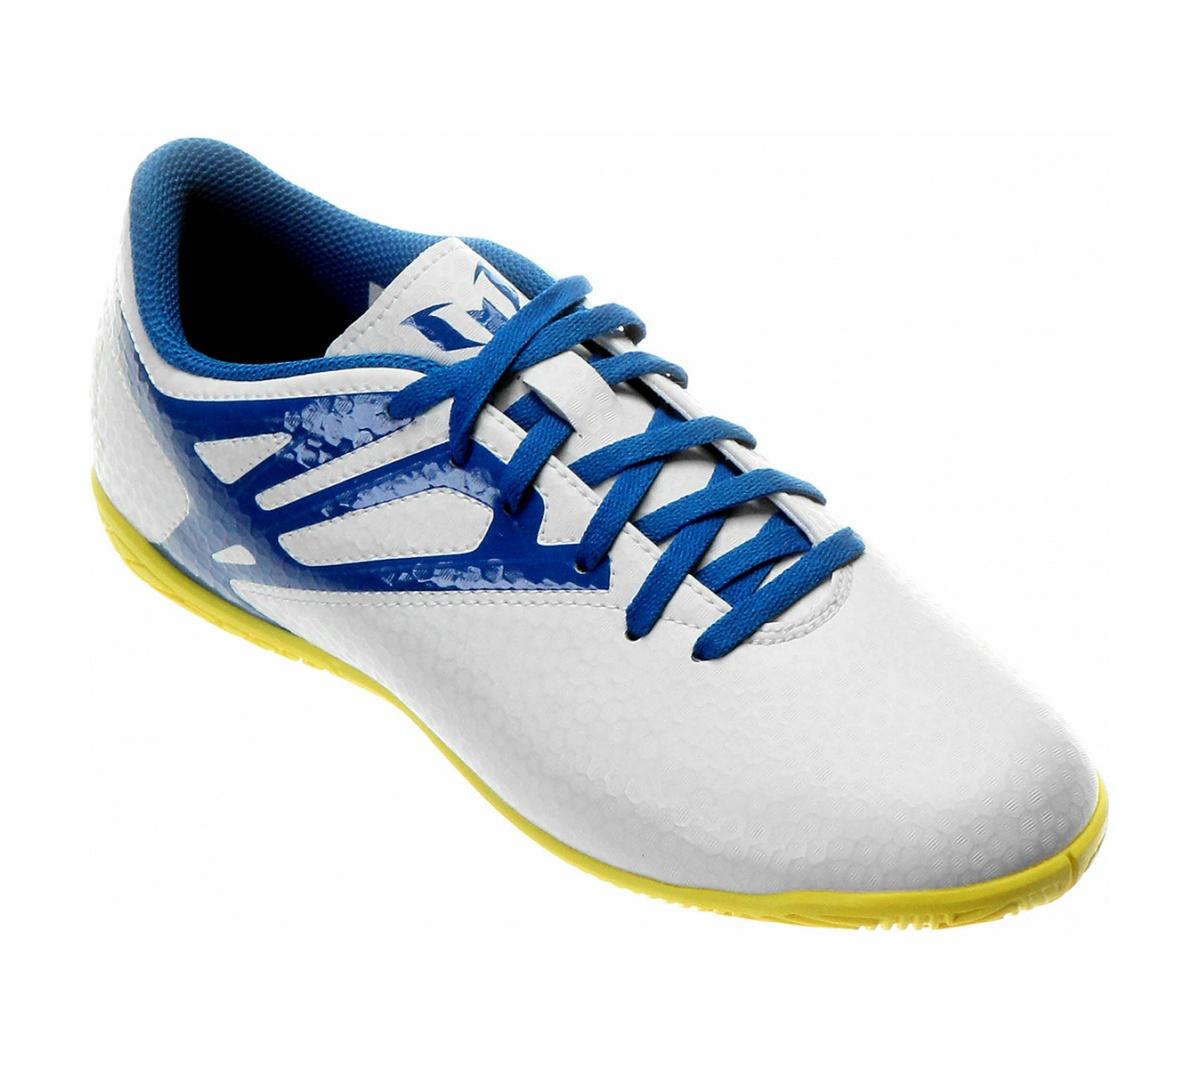 1e058f3bdf Tênis Messi 15.4 Adidas Futsal Infantil Tênis Messi 15.4 Adidas Futsal  Infantil ...